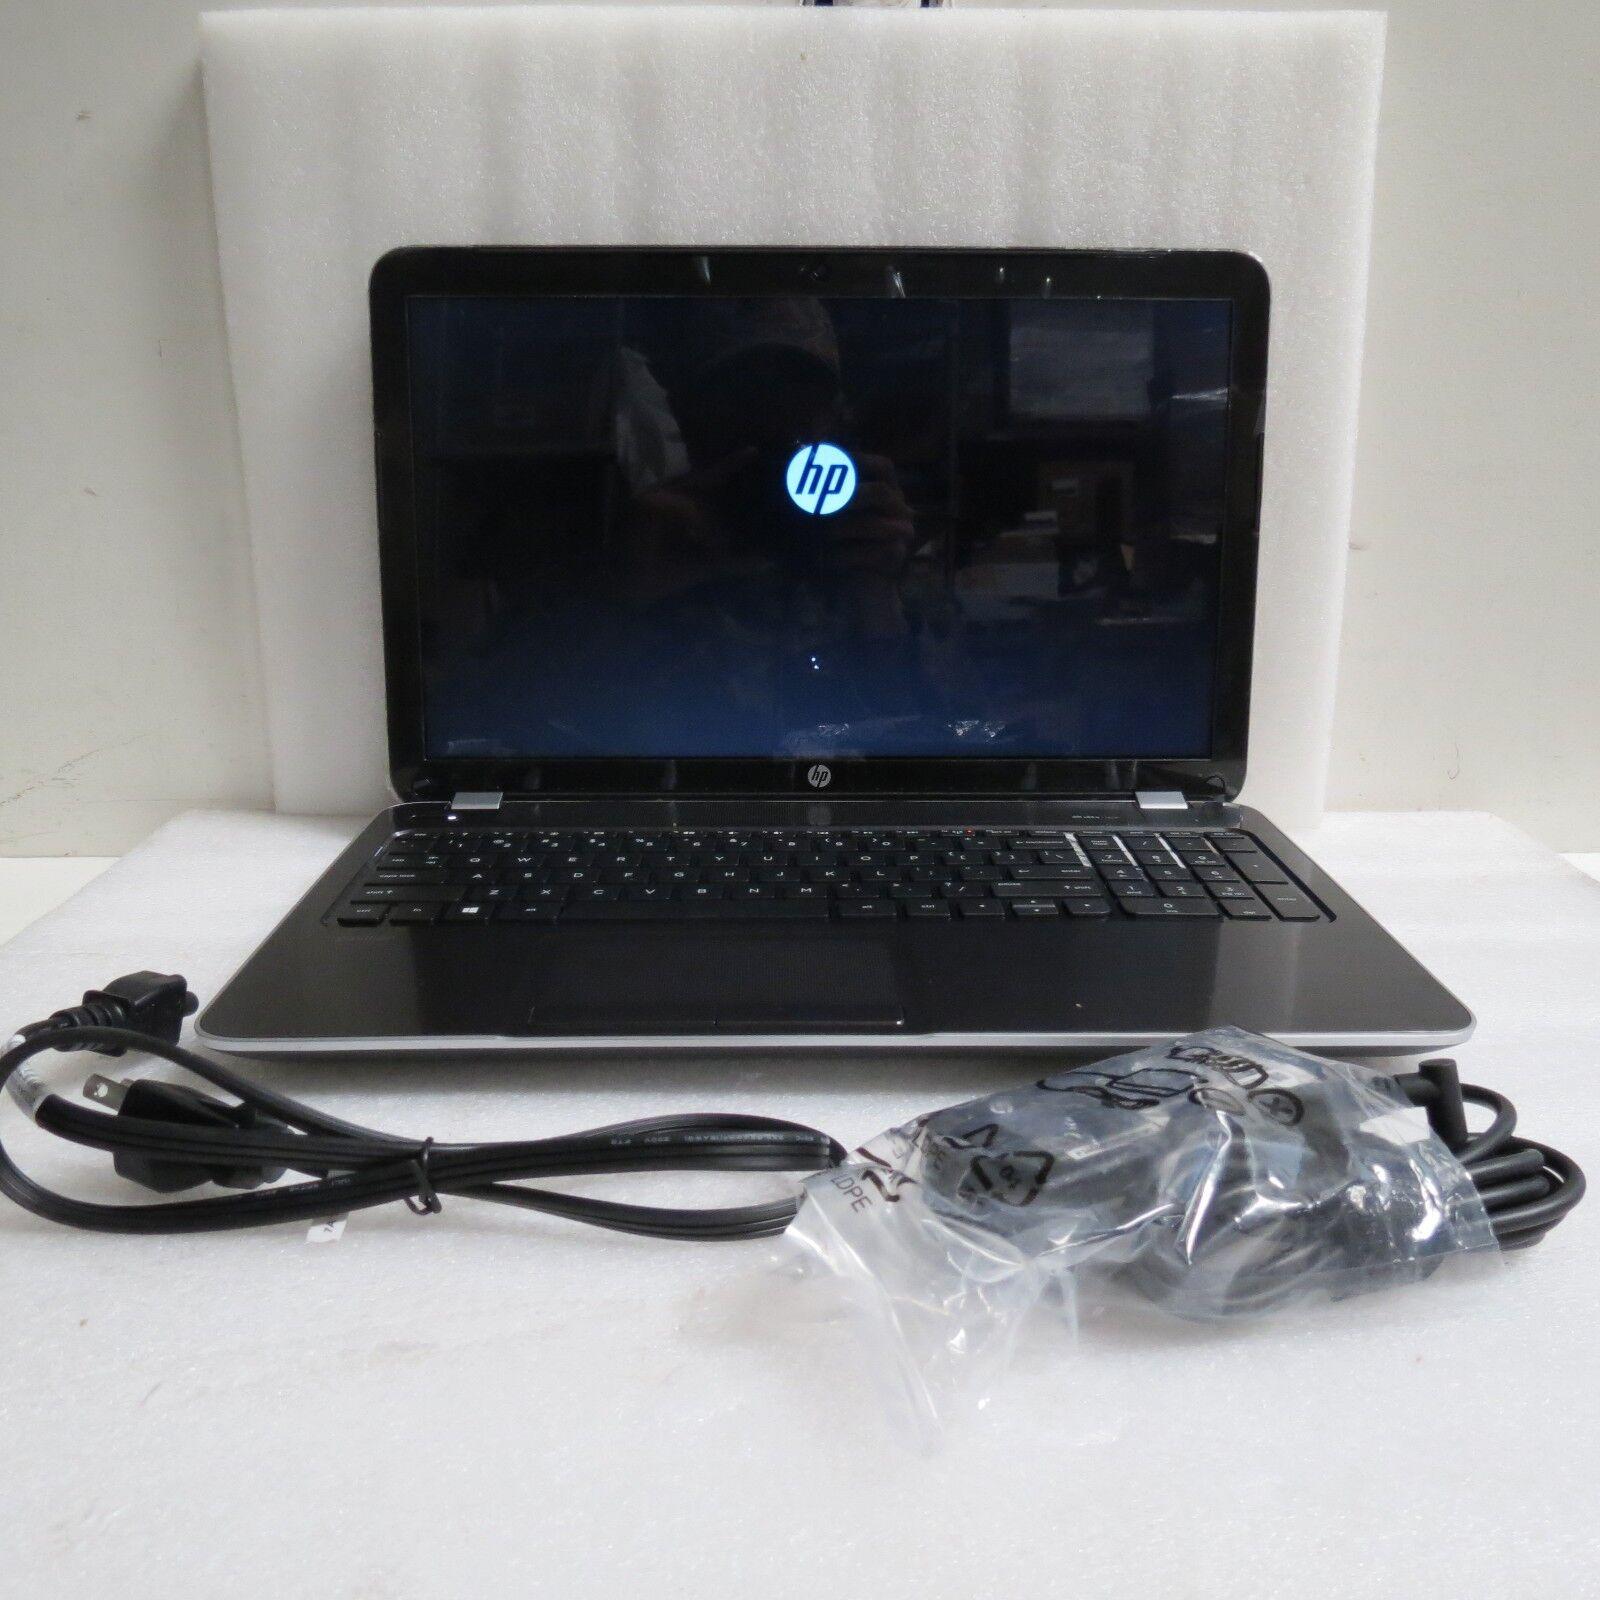 Hp Notebook Hewlett Packard Pavilion Dv 6358 Ea For Sale Online Ebay